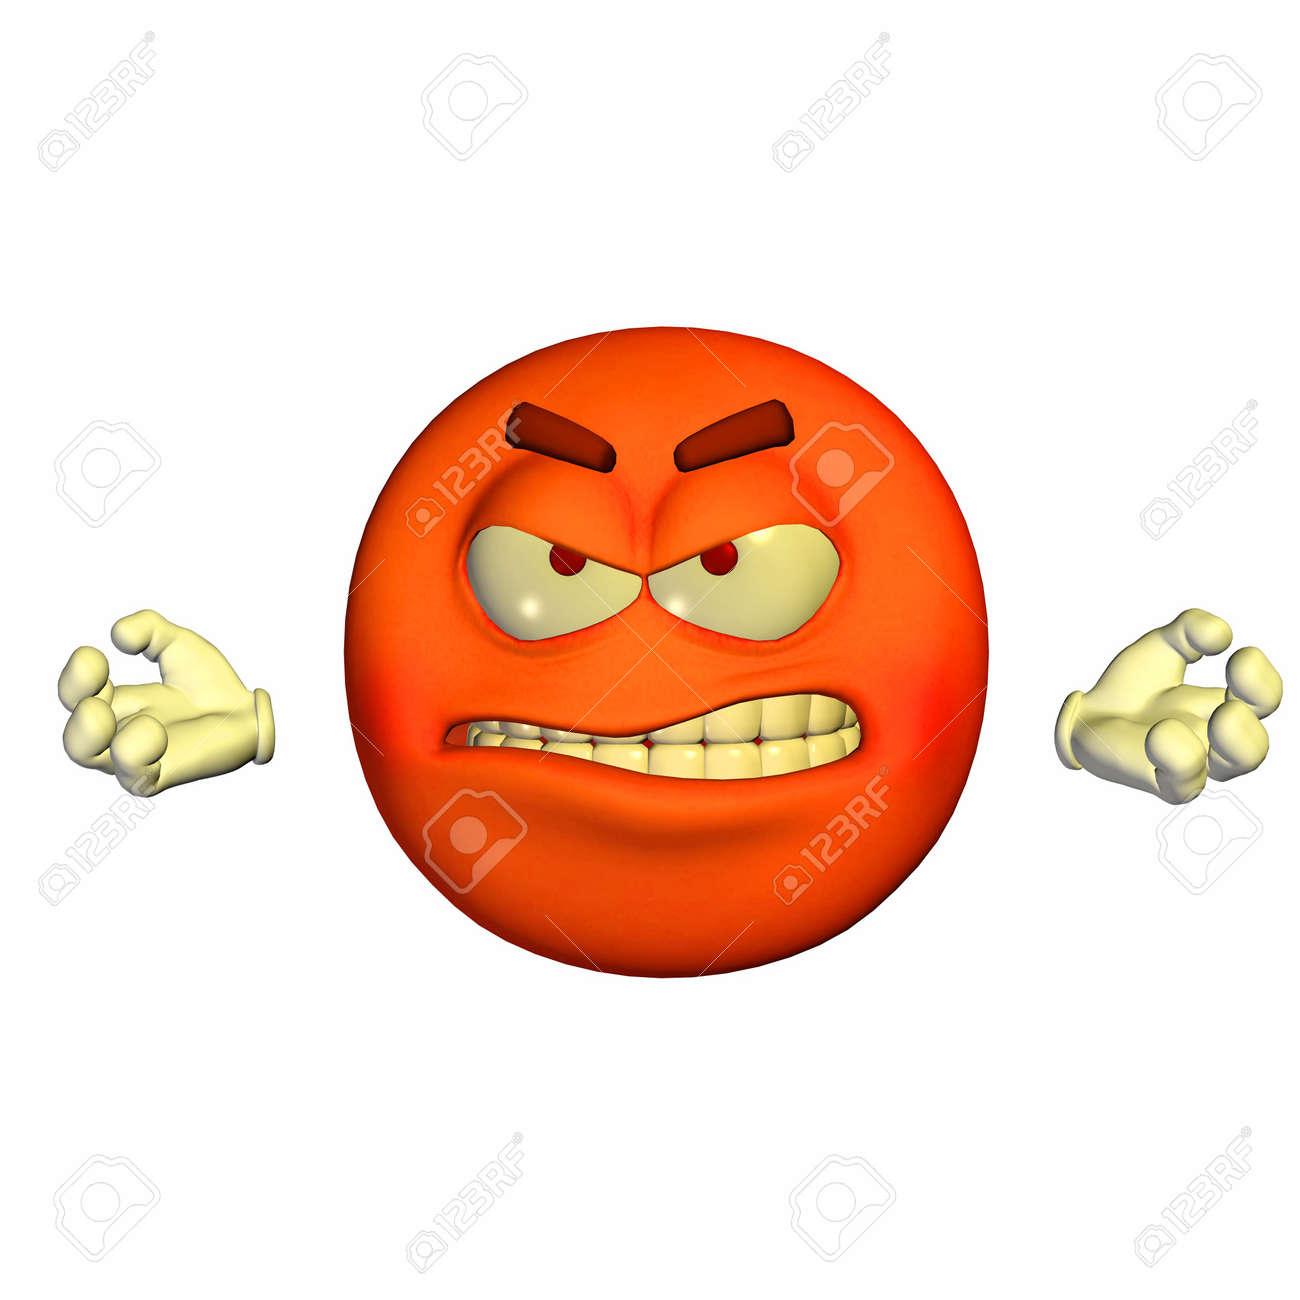 Illustration D Un Emoticone Furieux Rouge Isole Sur Un Fond Blanc Banque D Images Et Photos Libres De Droits Image 12675112